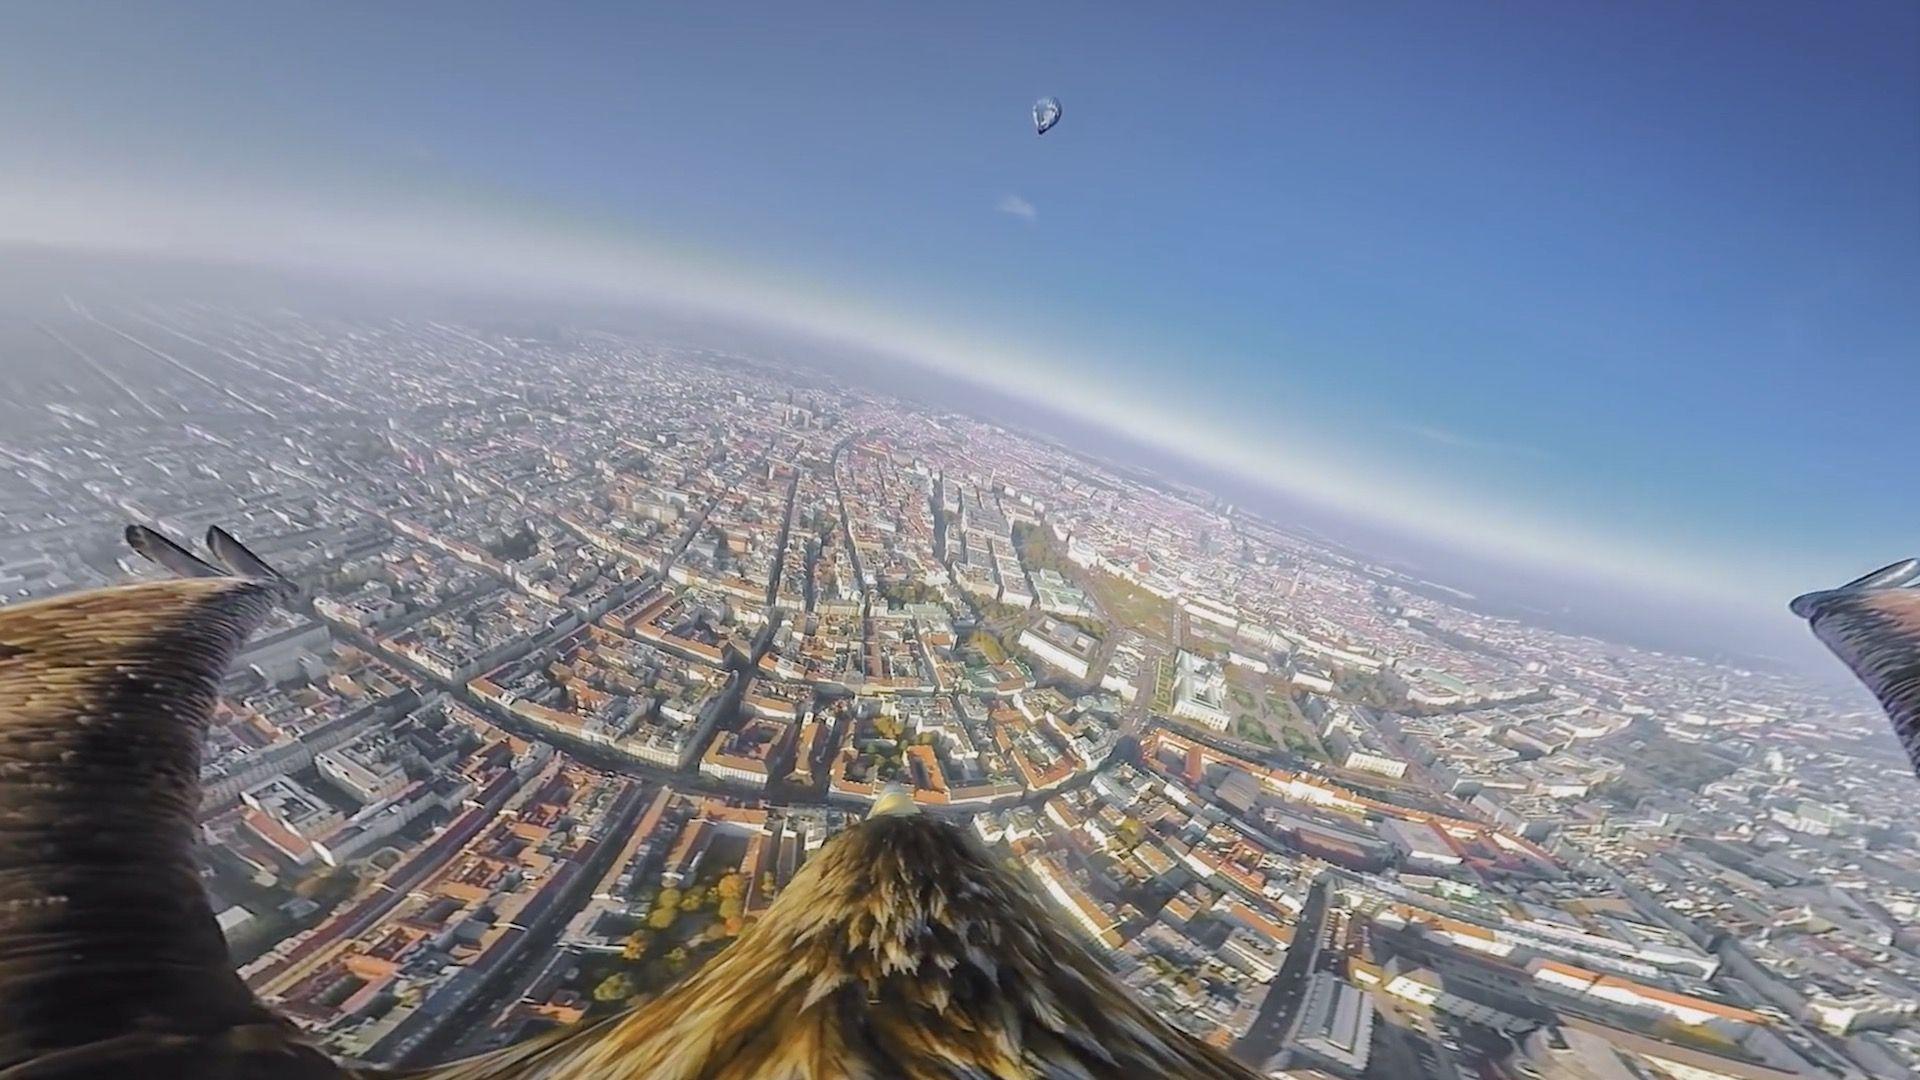 El increíble video panorámico de Viena filmado por águilas